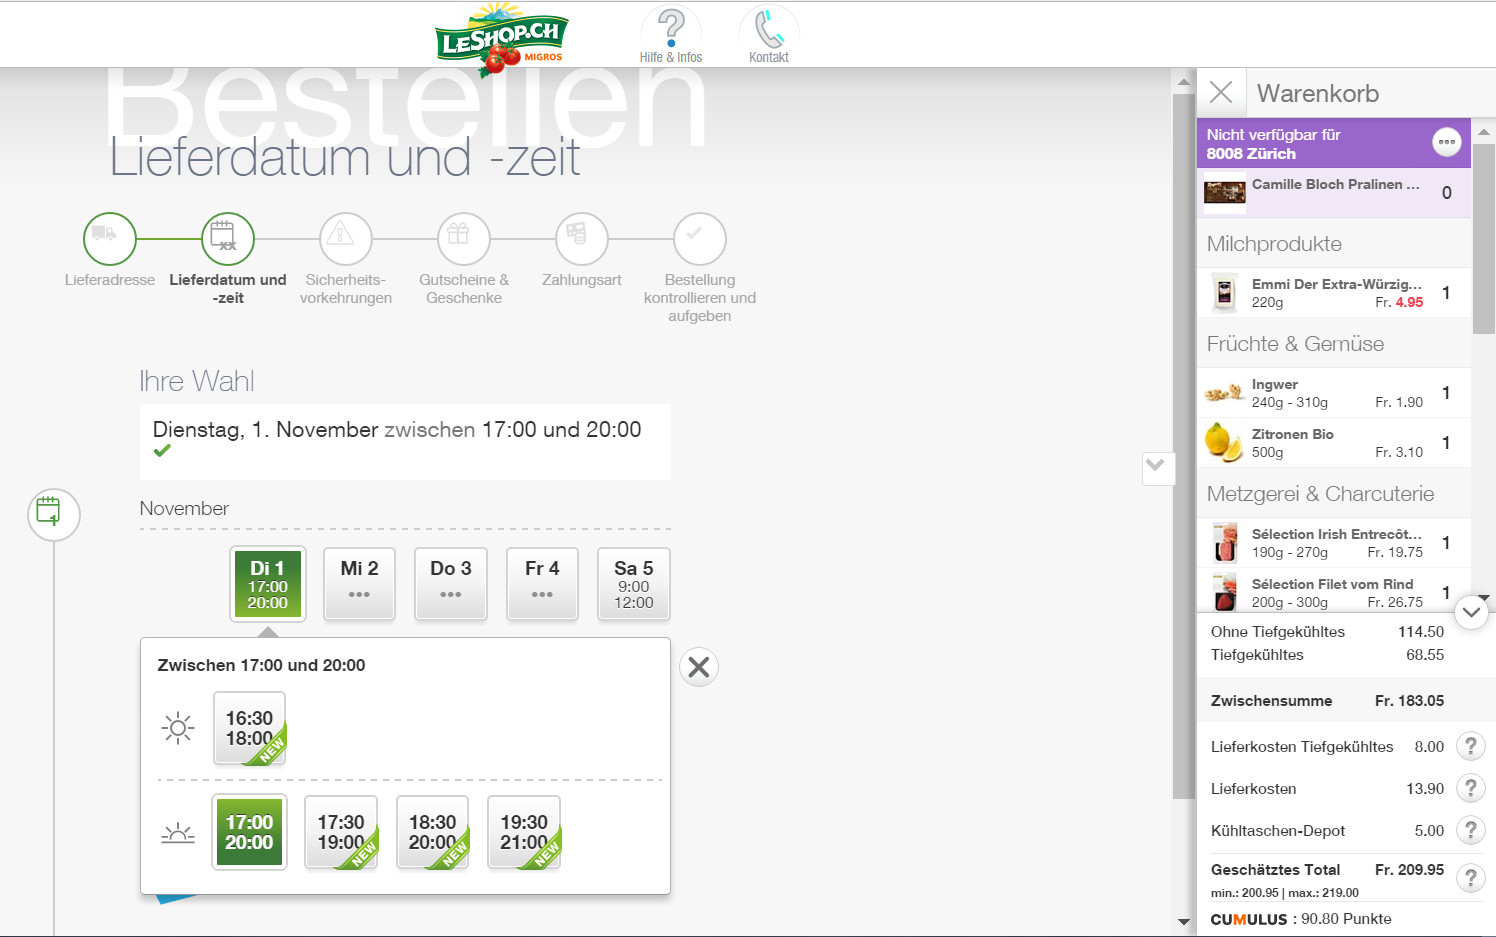 Im Checkout rsp. in der rechten Spalte zeigt sich die gesamte Komplexität der Logistik im Online-Lebensmittelhandel